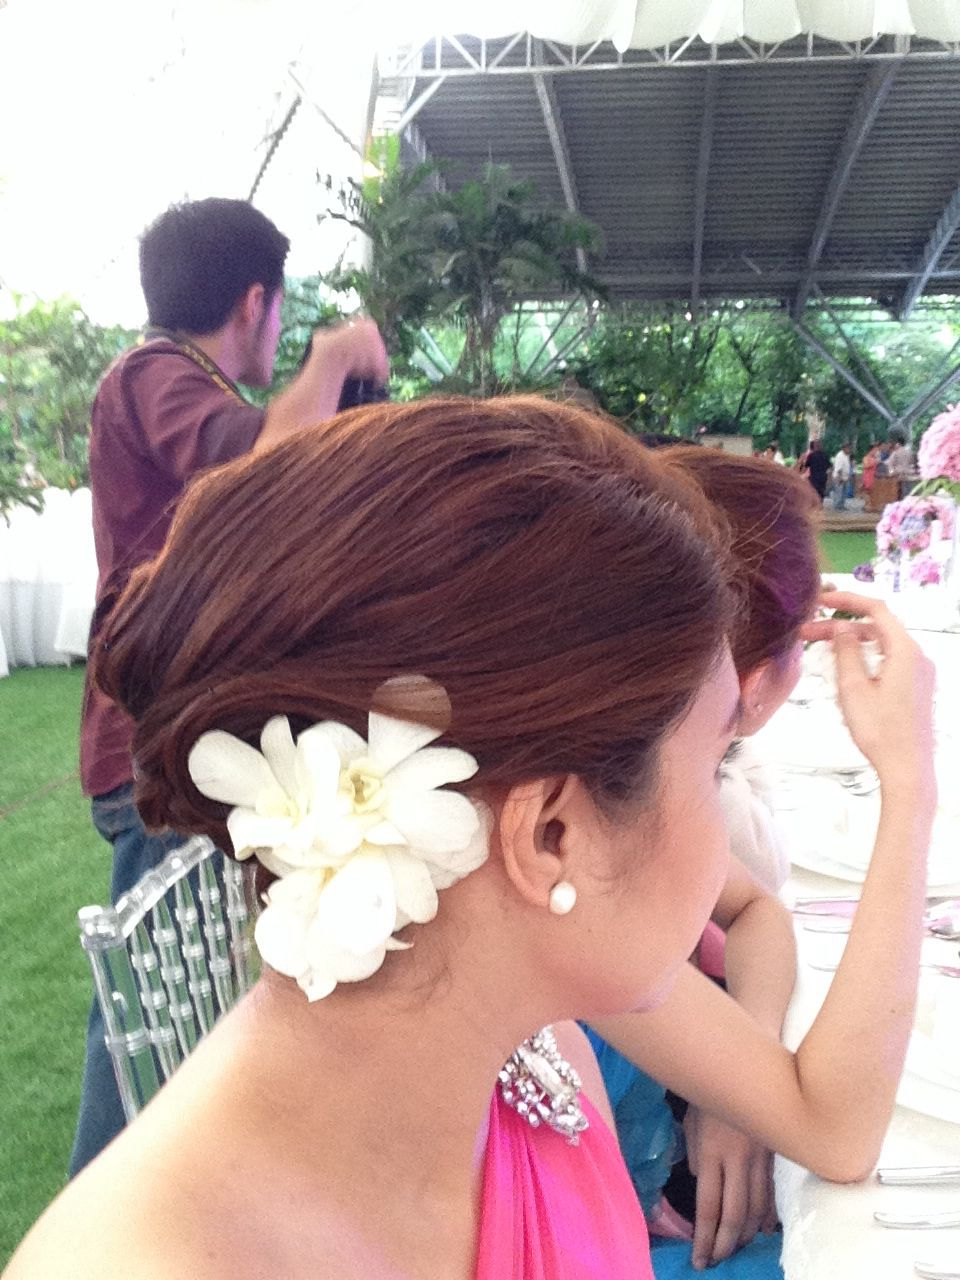 Hairstyles - Weddings & things